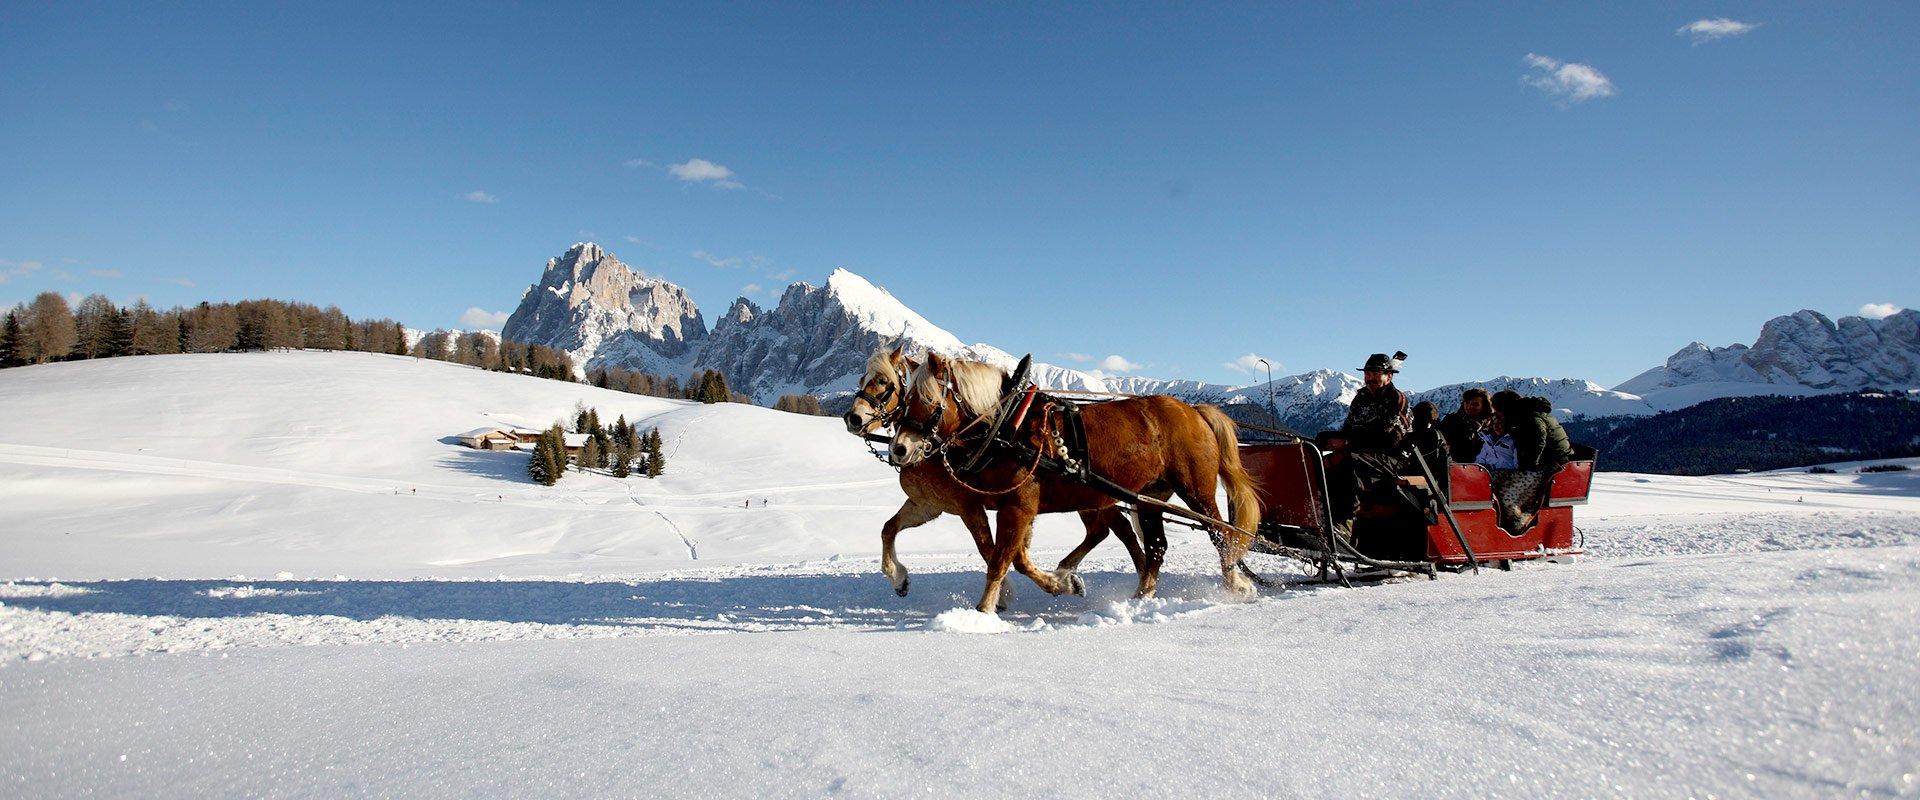 winterurlaub-kastelruth-9